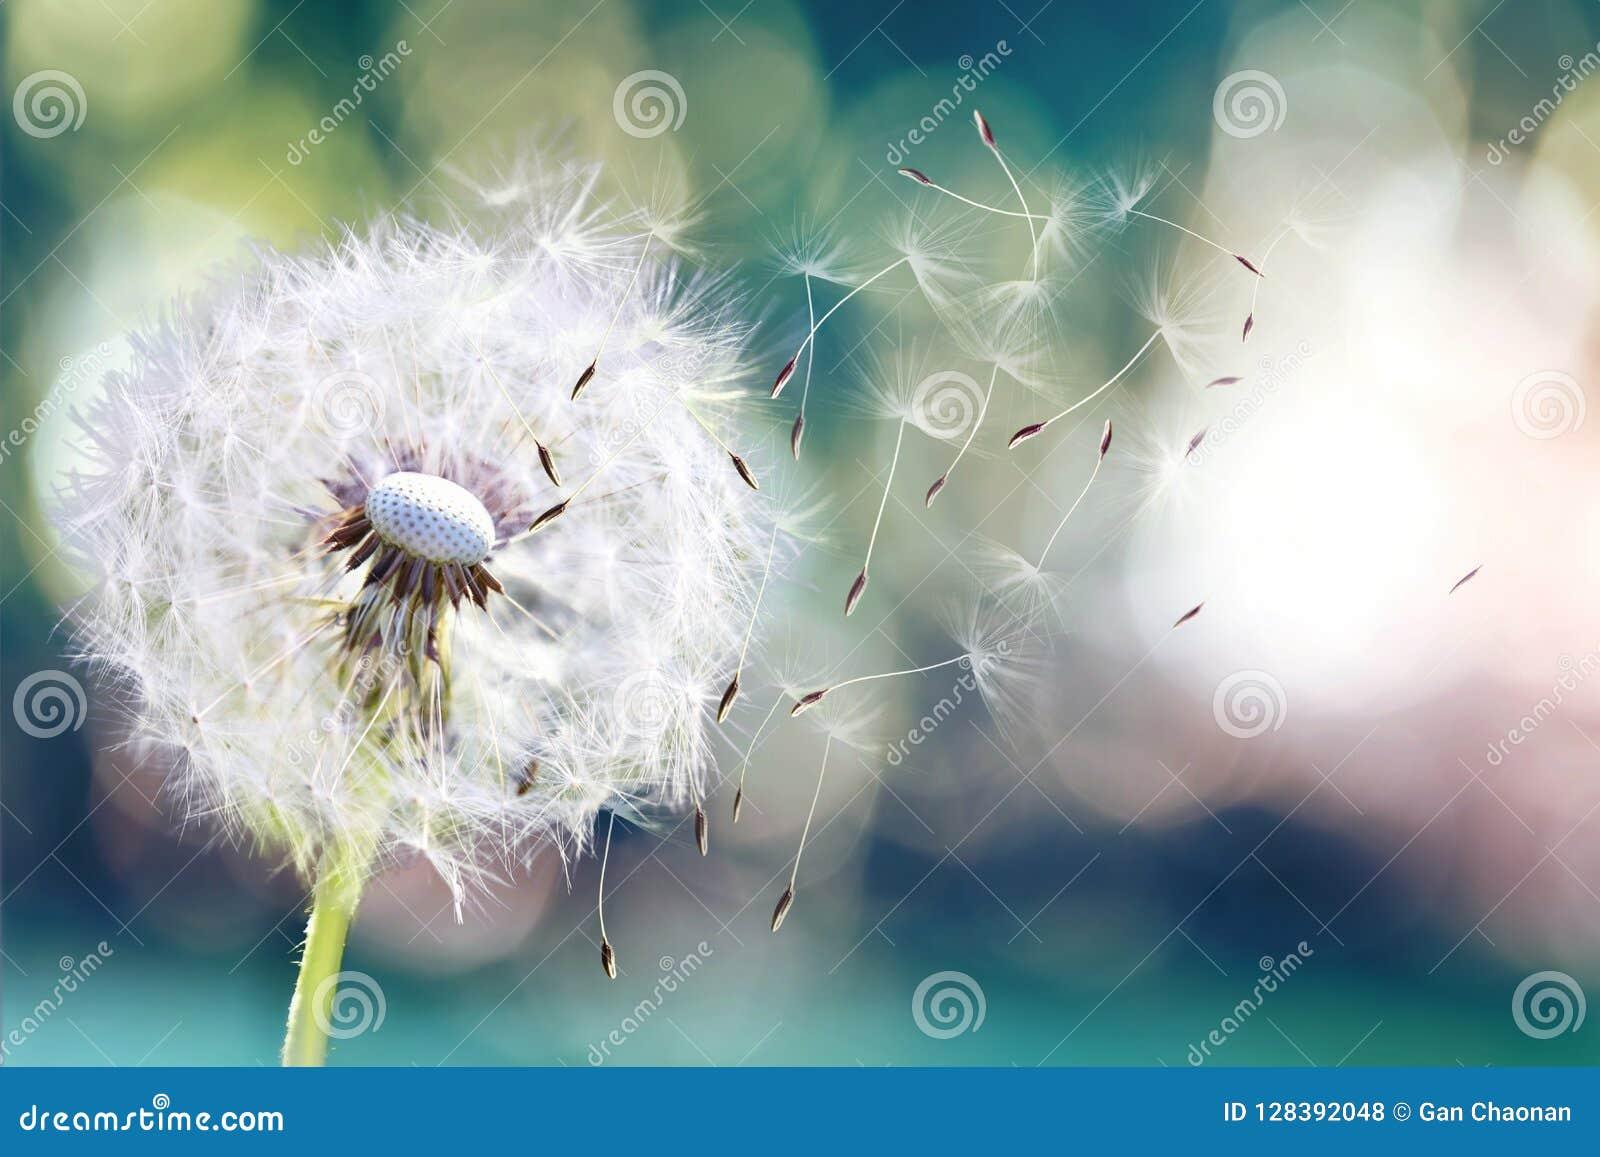 Dandelion ziarna w świetle słonecznym dmucha daleko od przez świeżego zielonego ranku tło